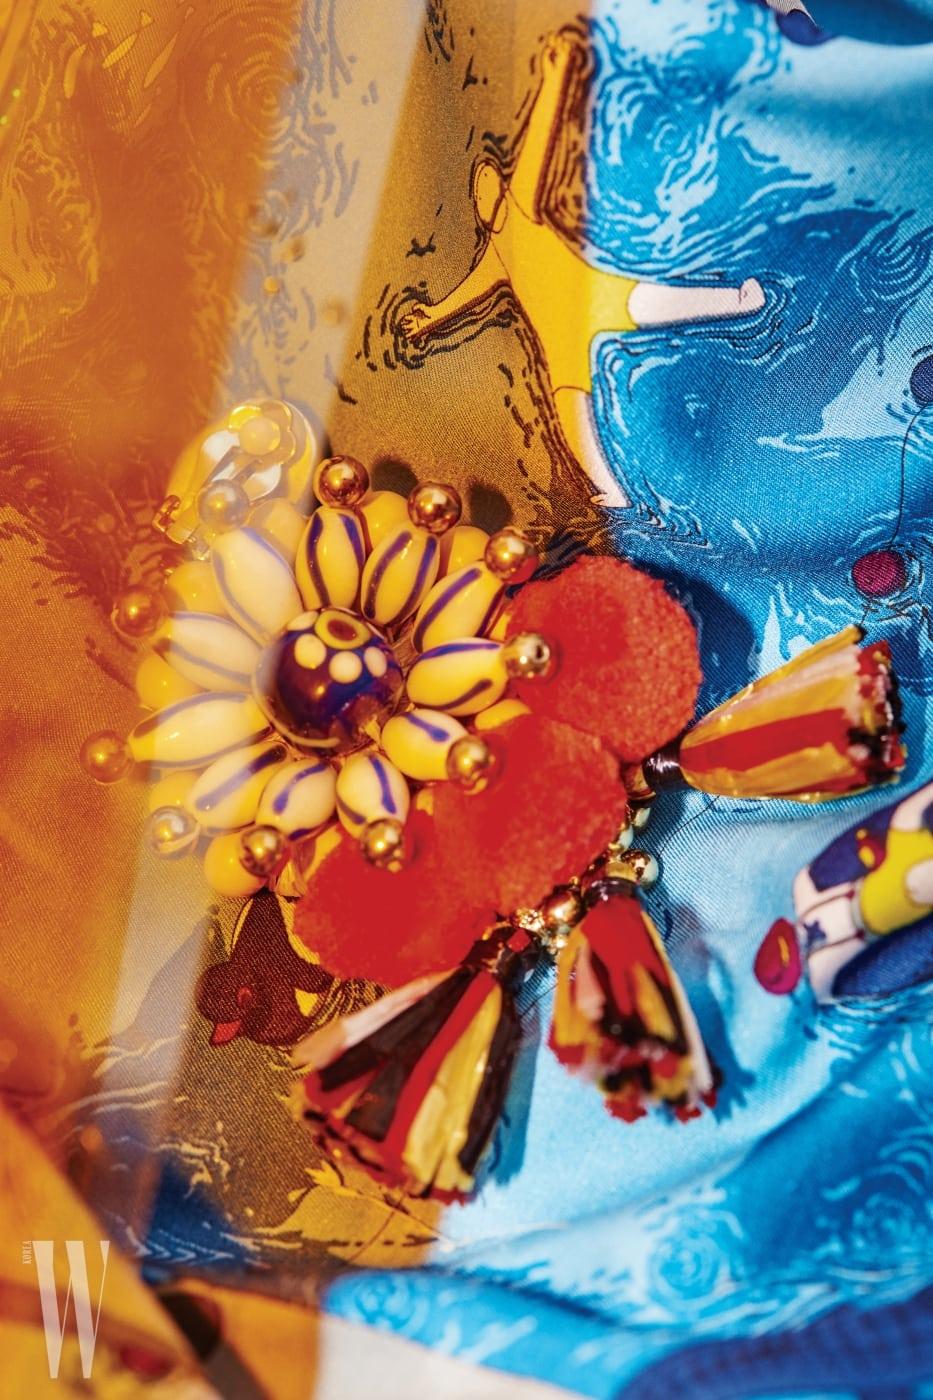 에스닉한 무드의 술 장식 귀고리는 빔바이롤라 제품. 15만8천원. 수영장의 다양한 모습을 담은 실크 스카프는 에르메스 제품. 가격 미정.